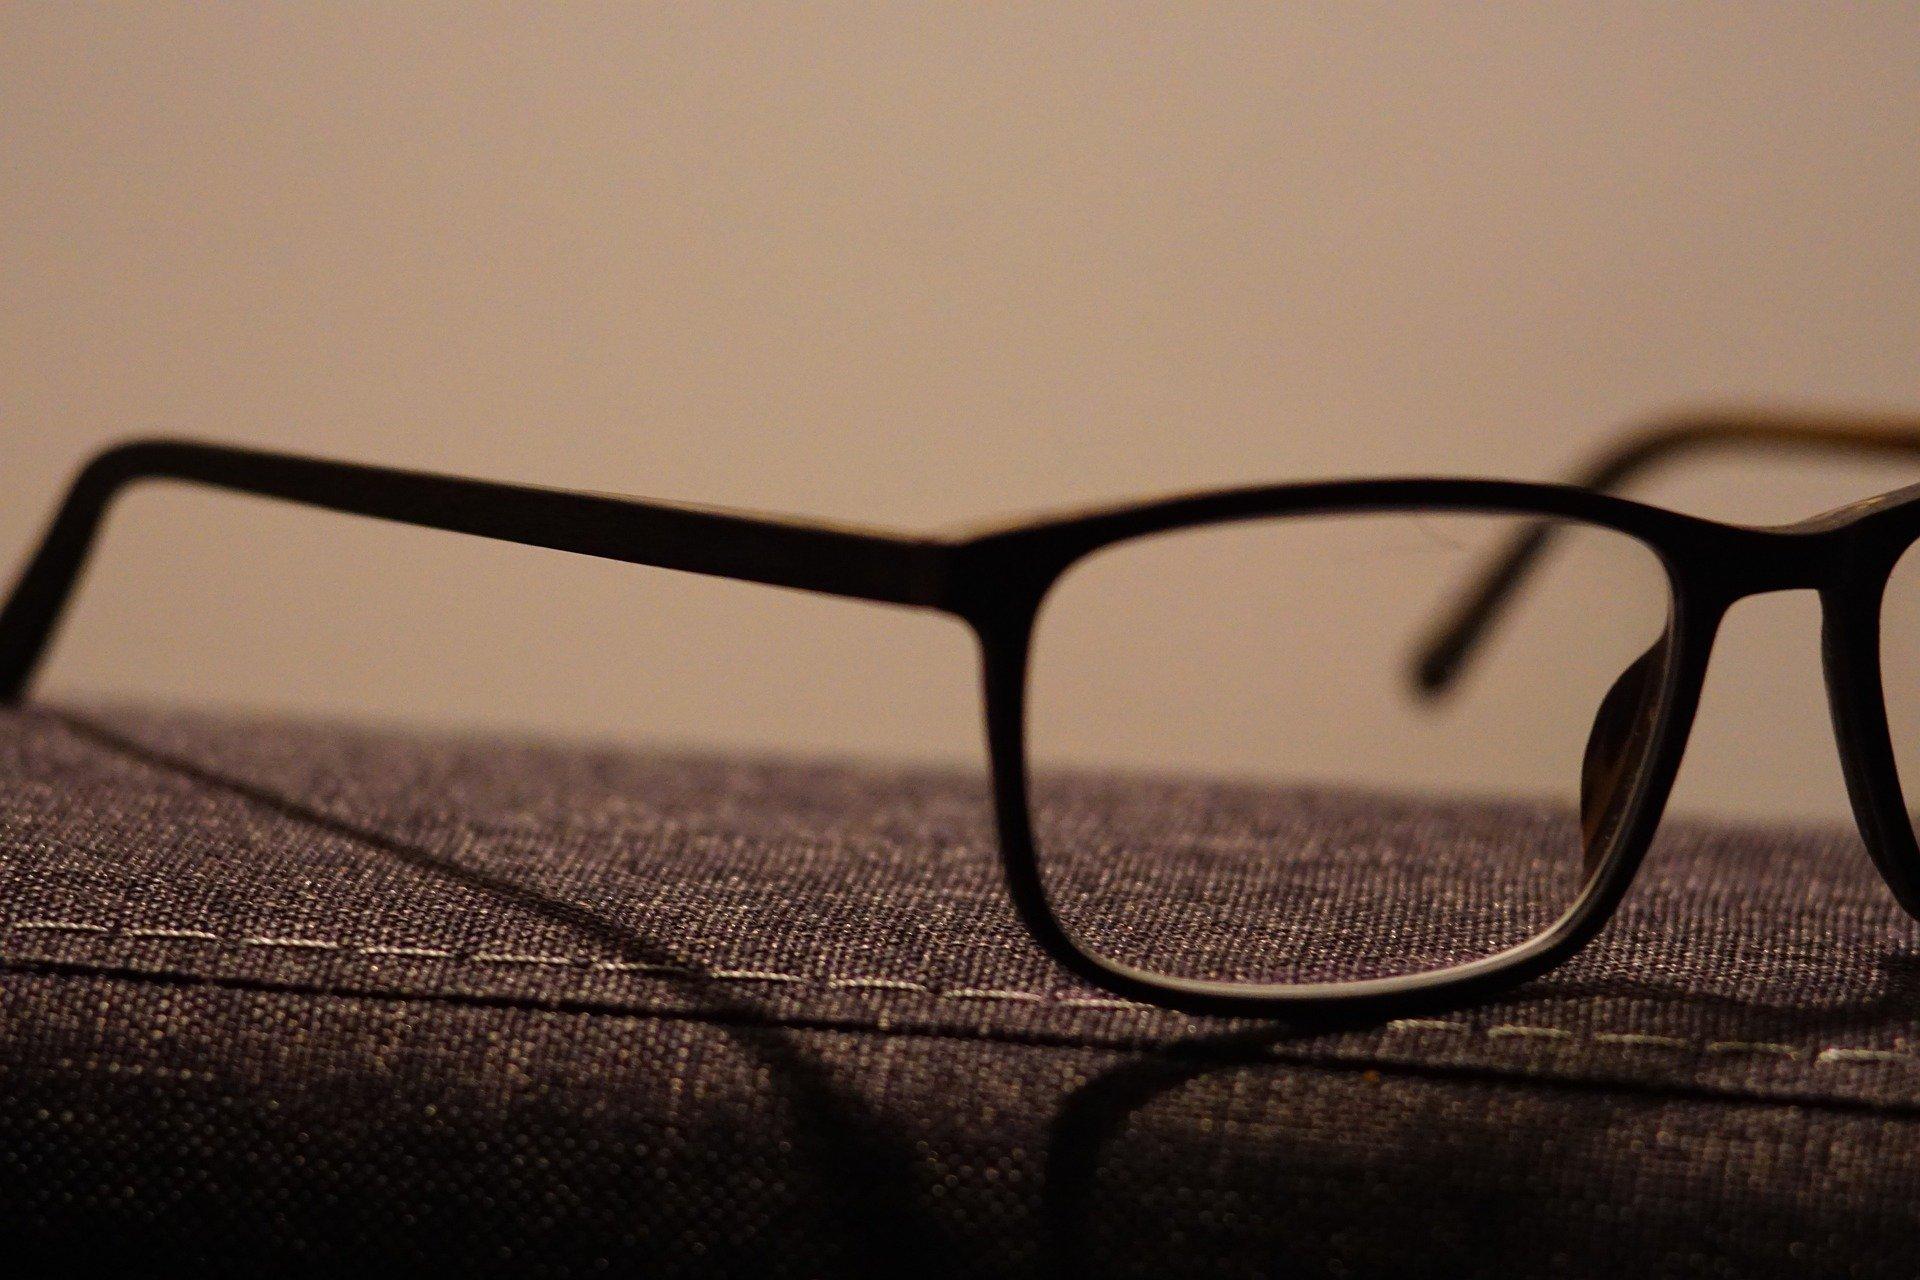 Histoire de l'optique-lunetterie selon Lissac